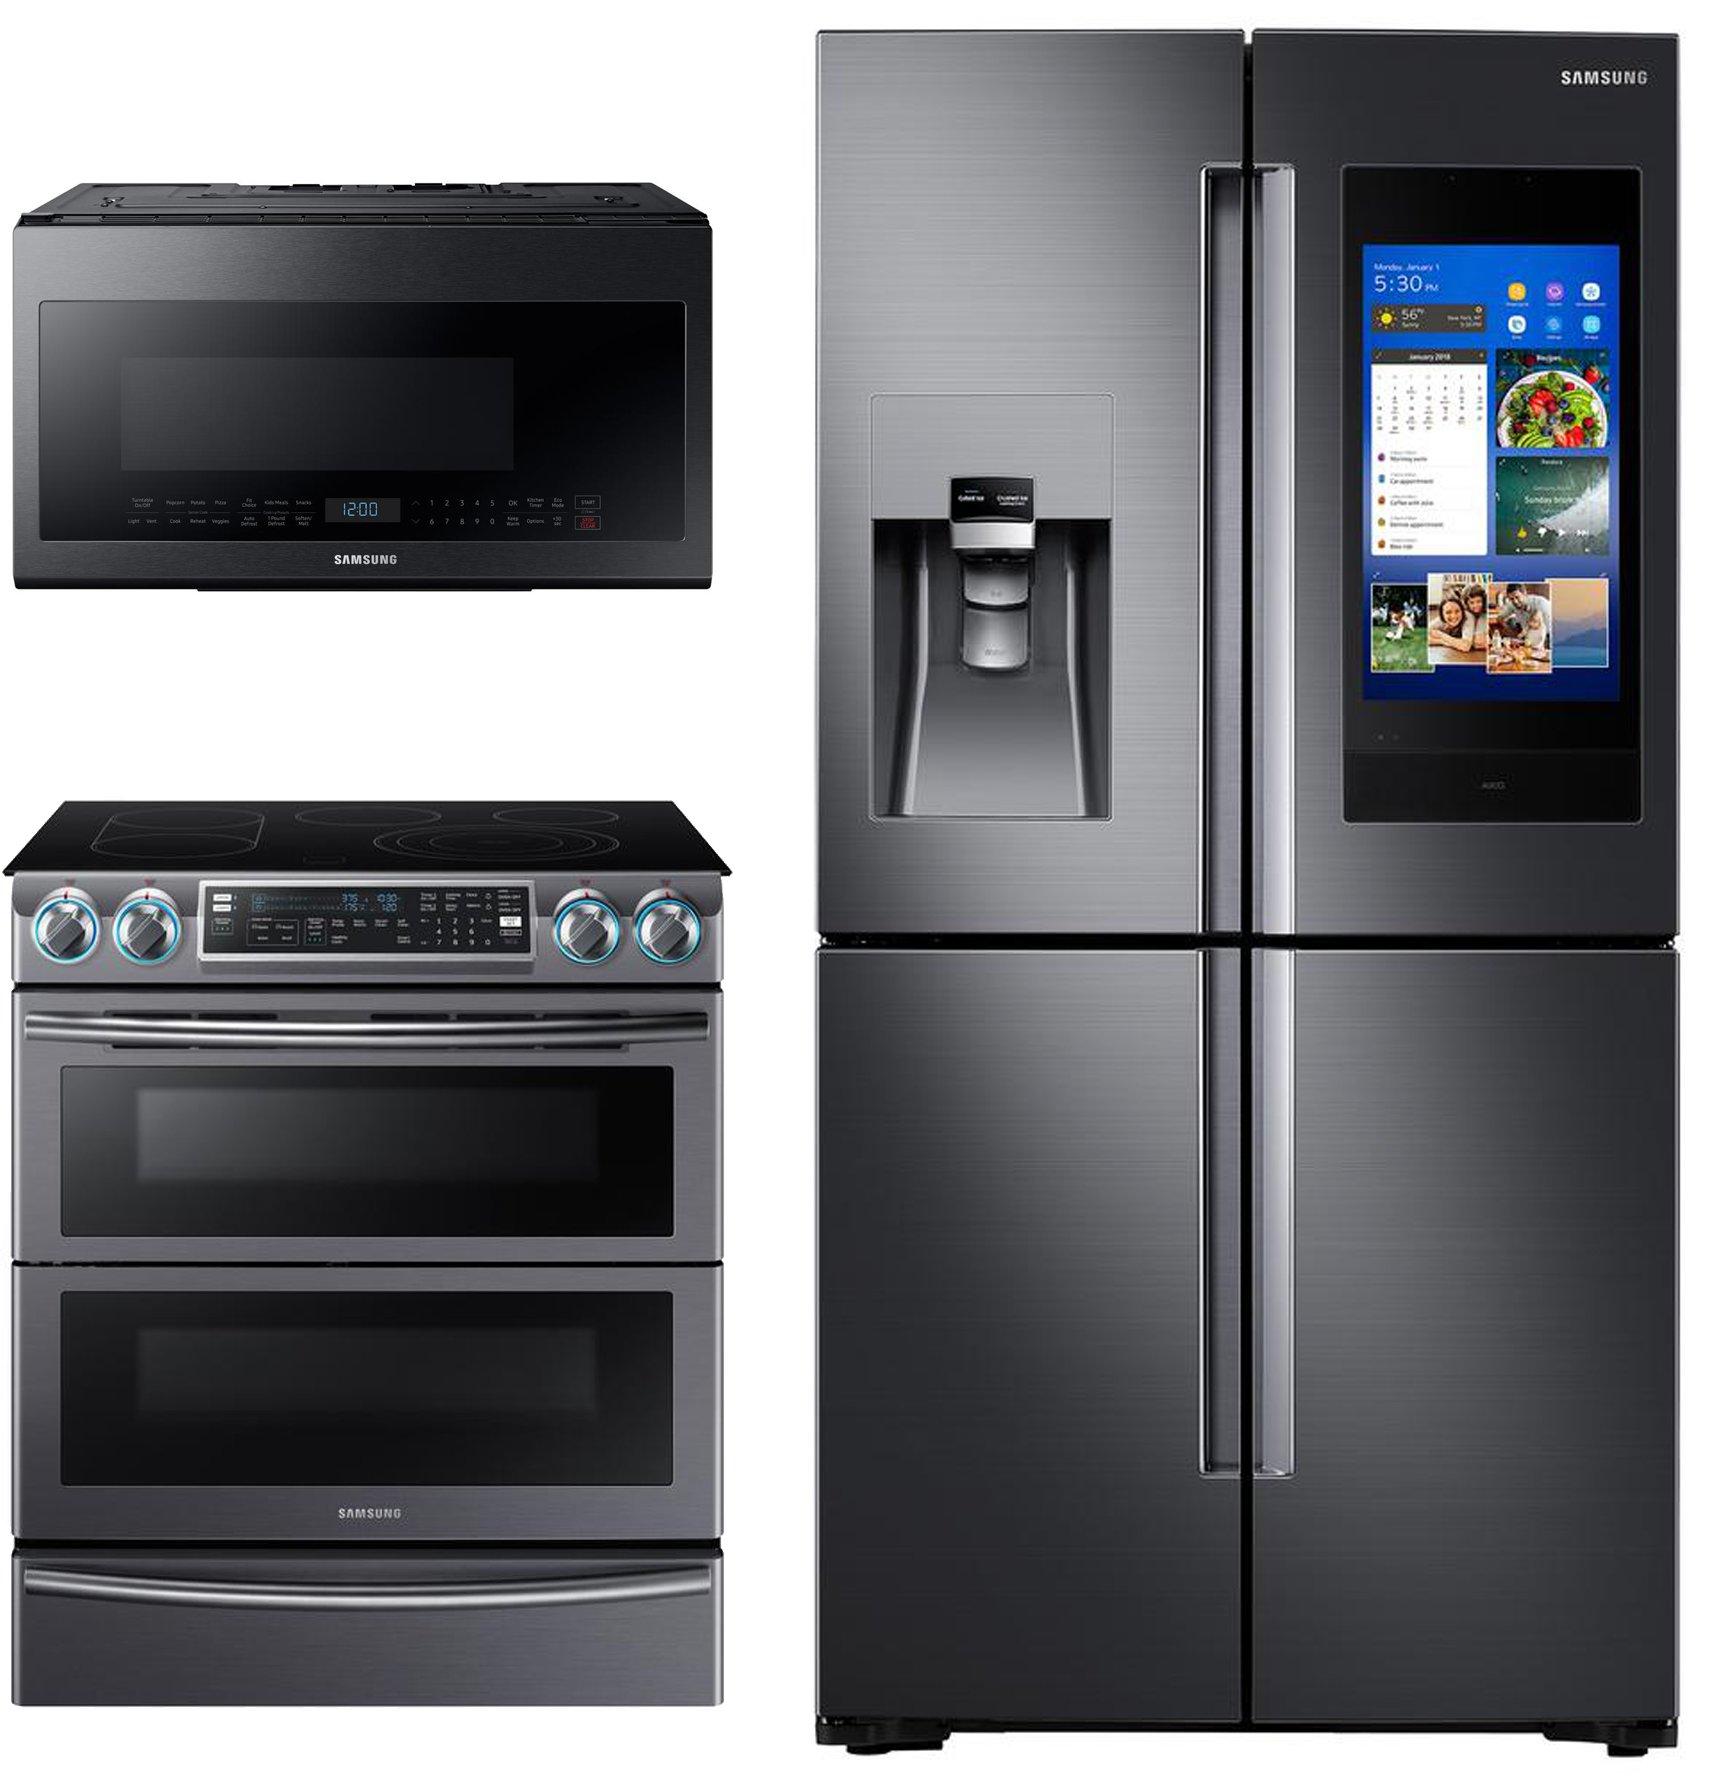 samsung black stainless steel 3 piece kitchen appliance package